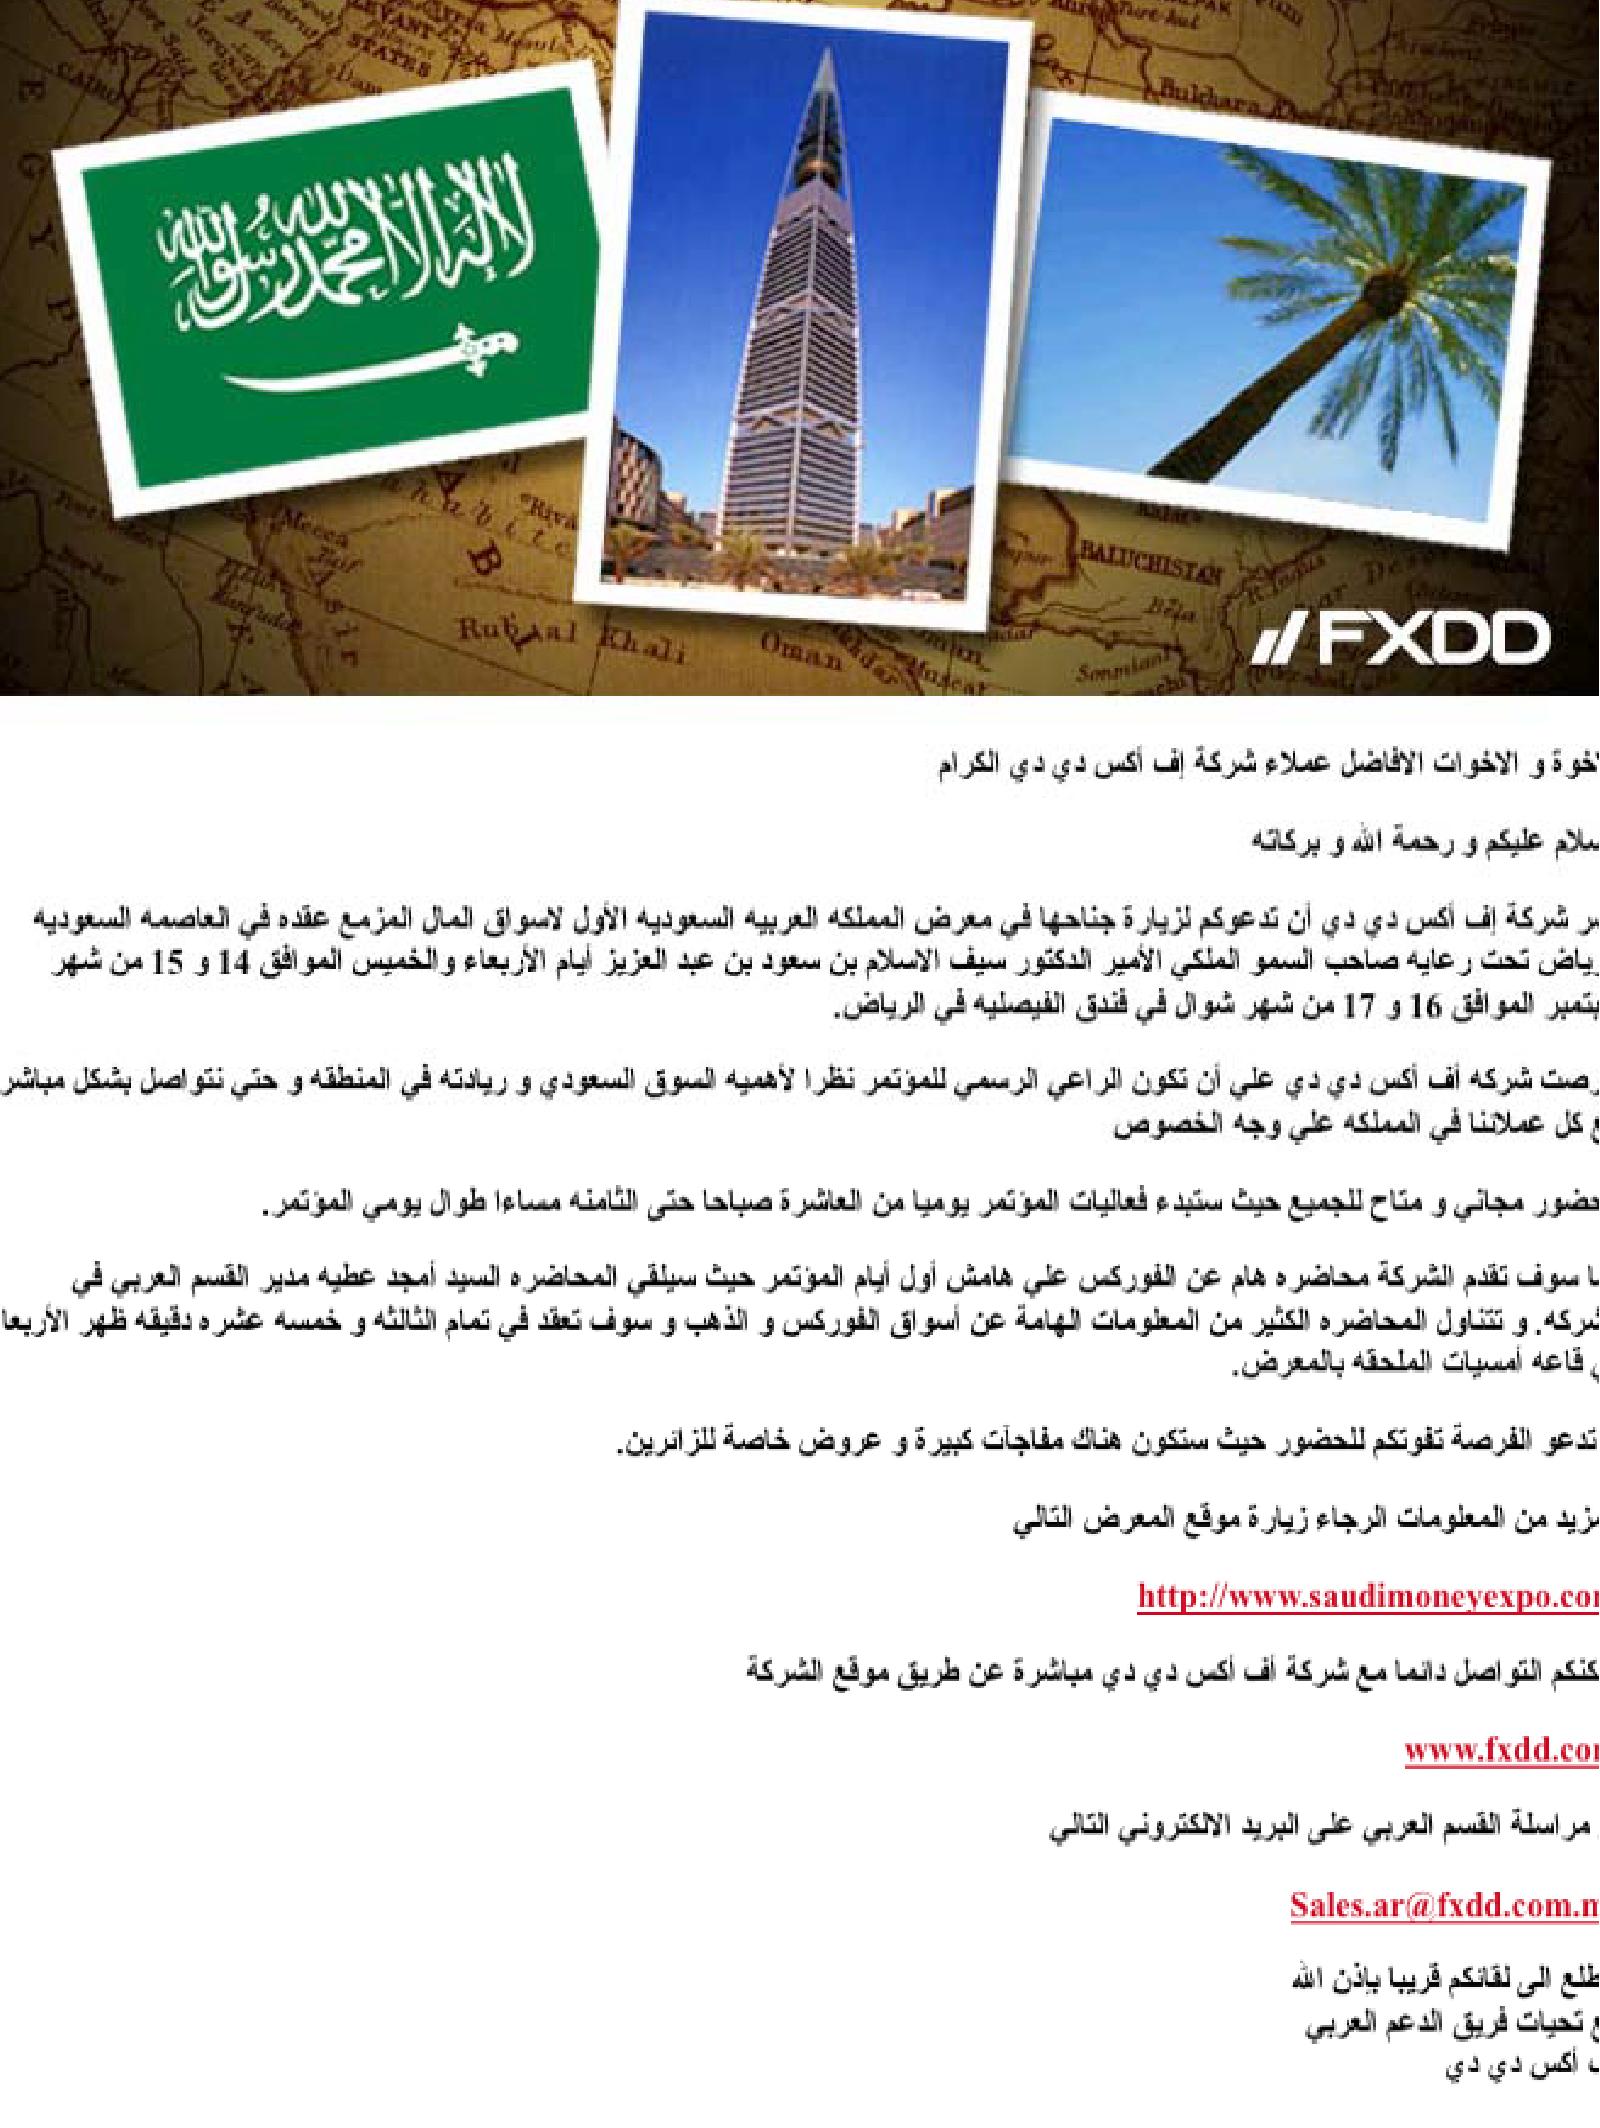 لحضور مؤتمر السعوديه